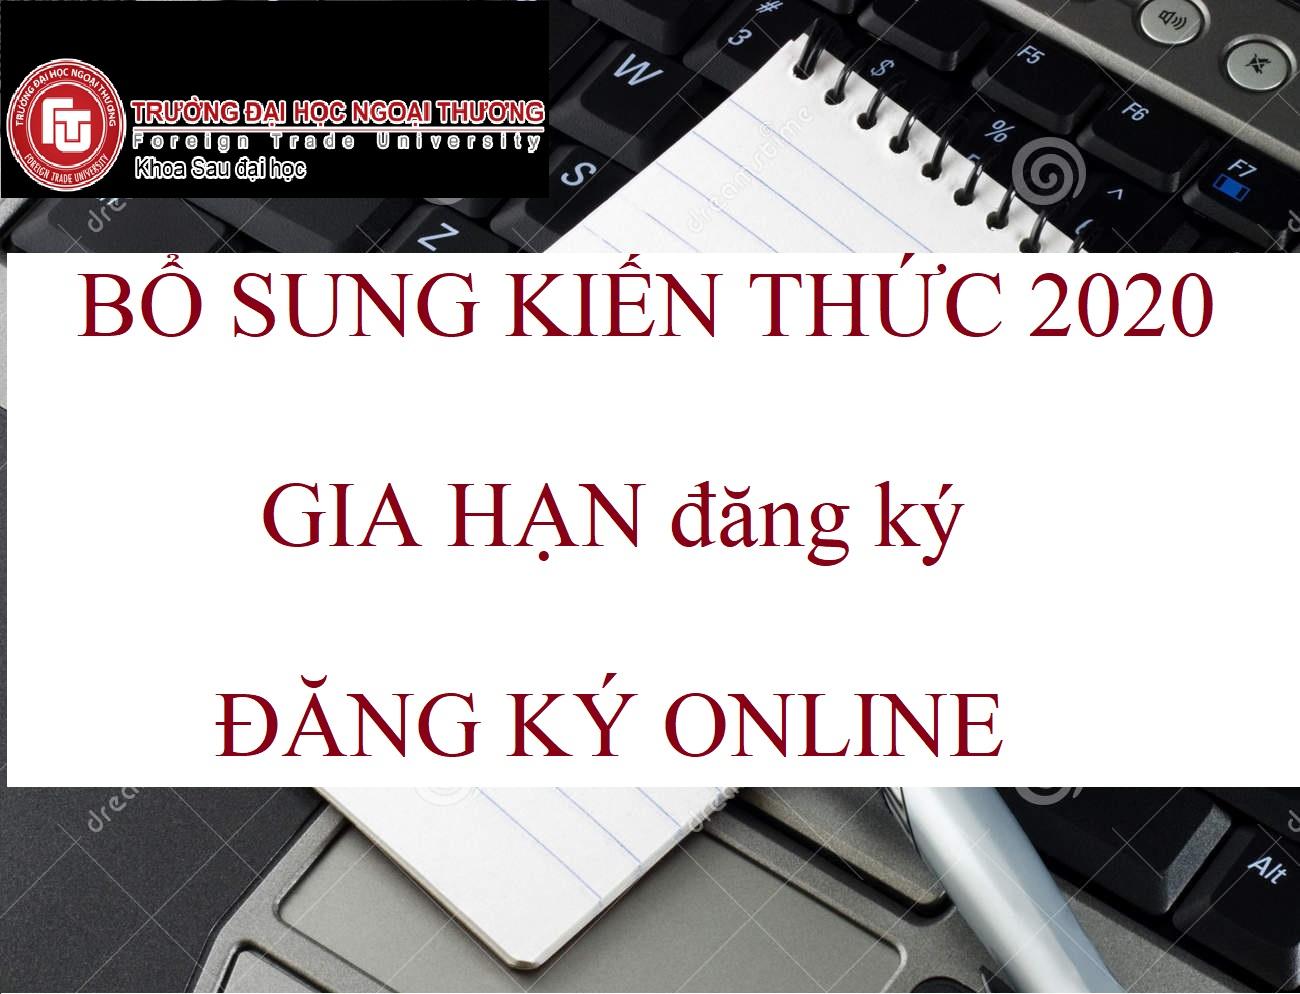 Thông báo GIA HẠN ĐĂNG KÝ học BỔ SUNG KIẾN THỨC đợt tháng 3/2020 và thực hiện đăng ký ONLINE